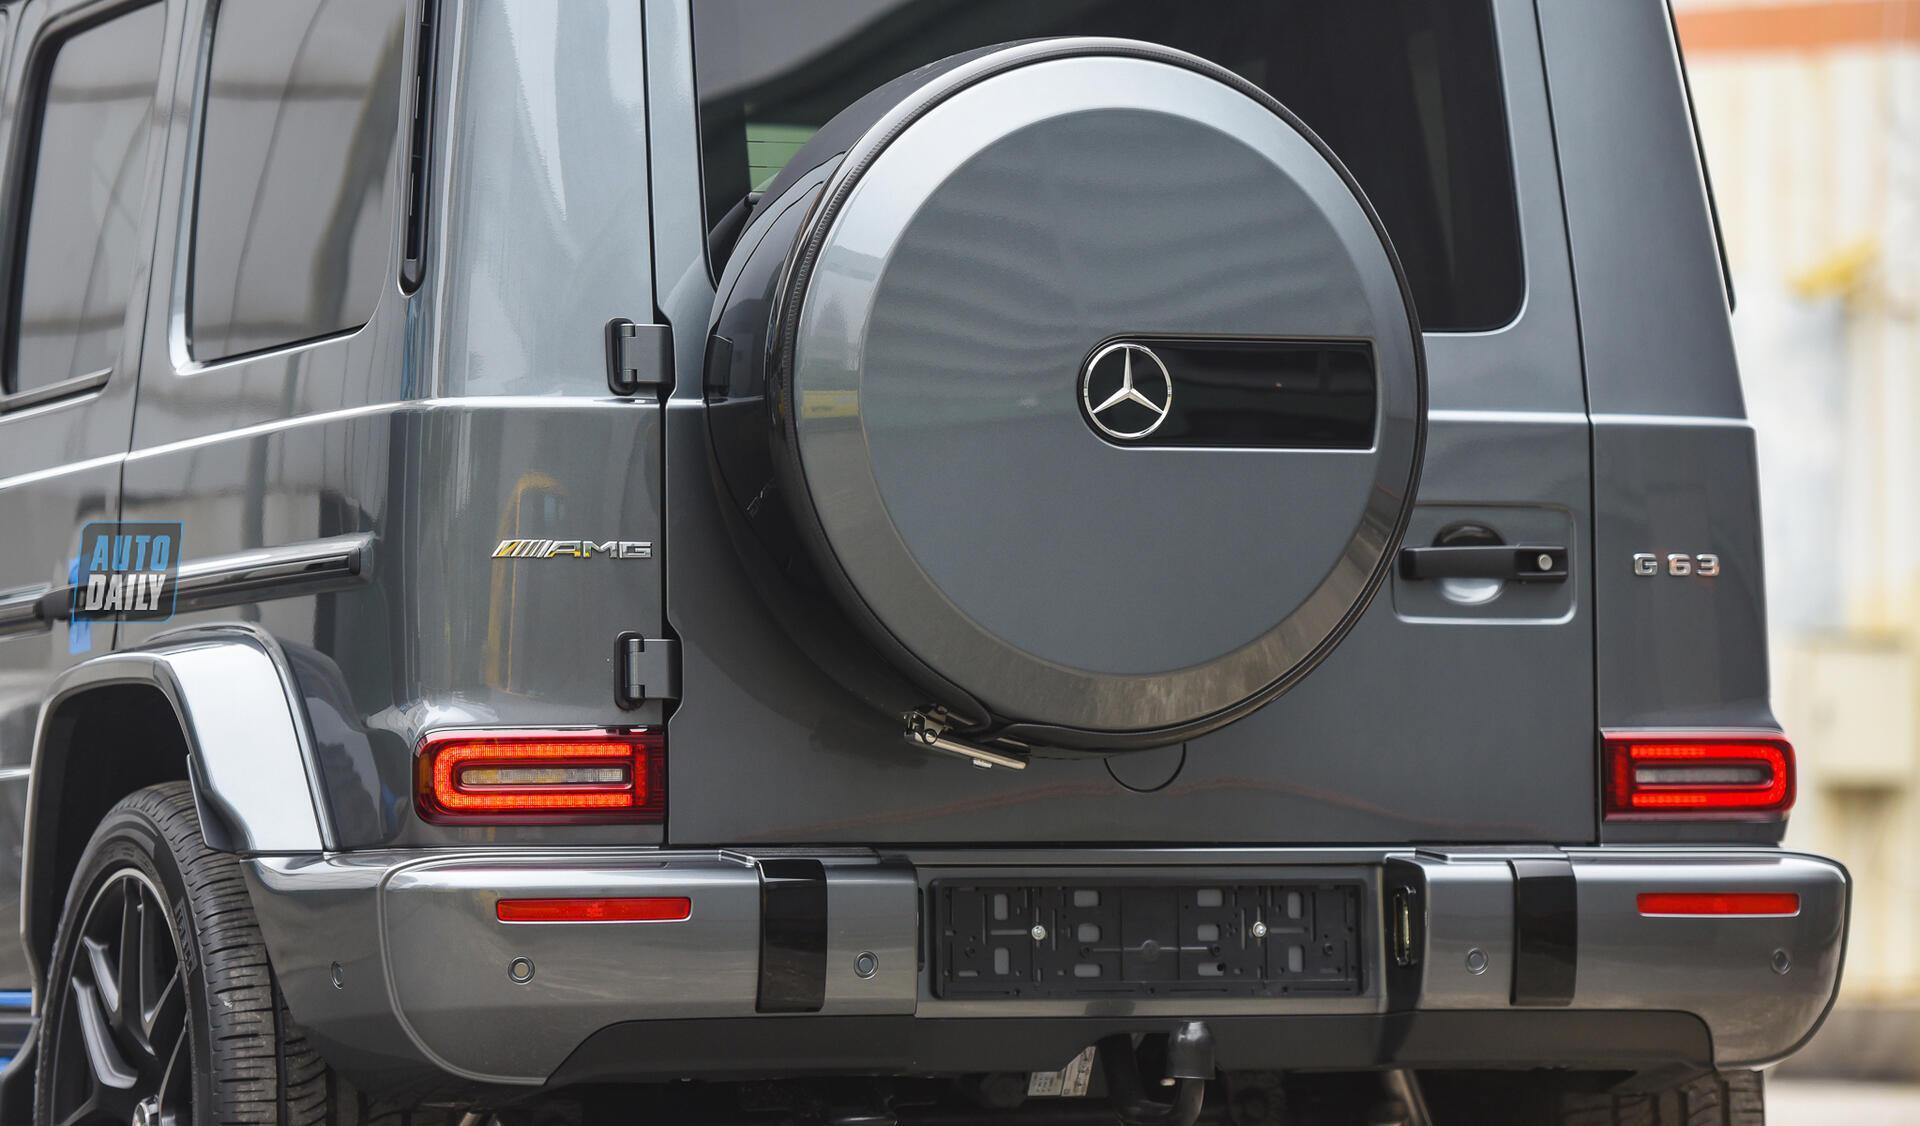 Ảnh chi tiết Mercedes G63 AMG 2021 bản cá nhân hoá giá khoảng 12 tỷ [8]